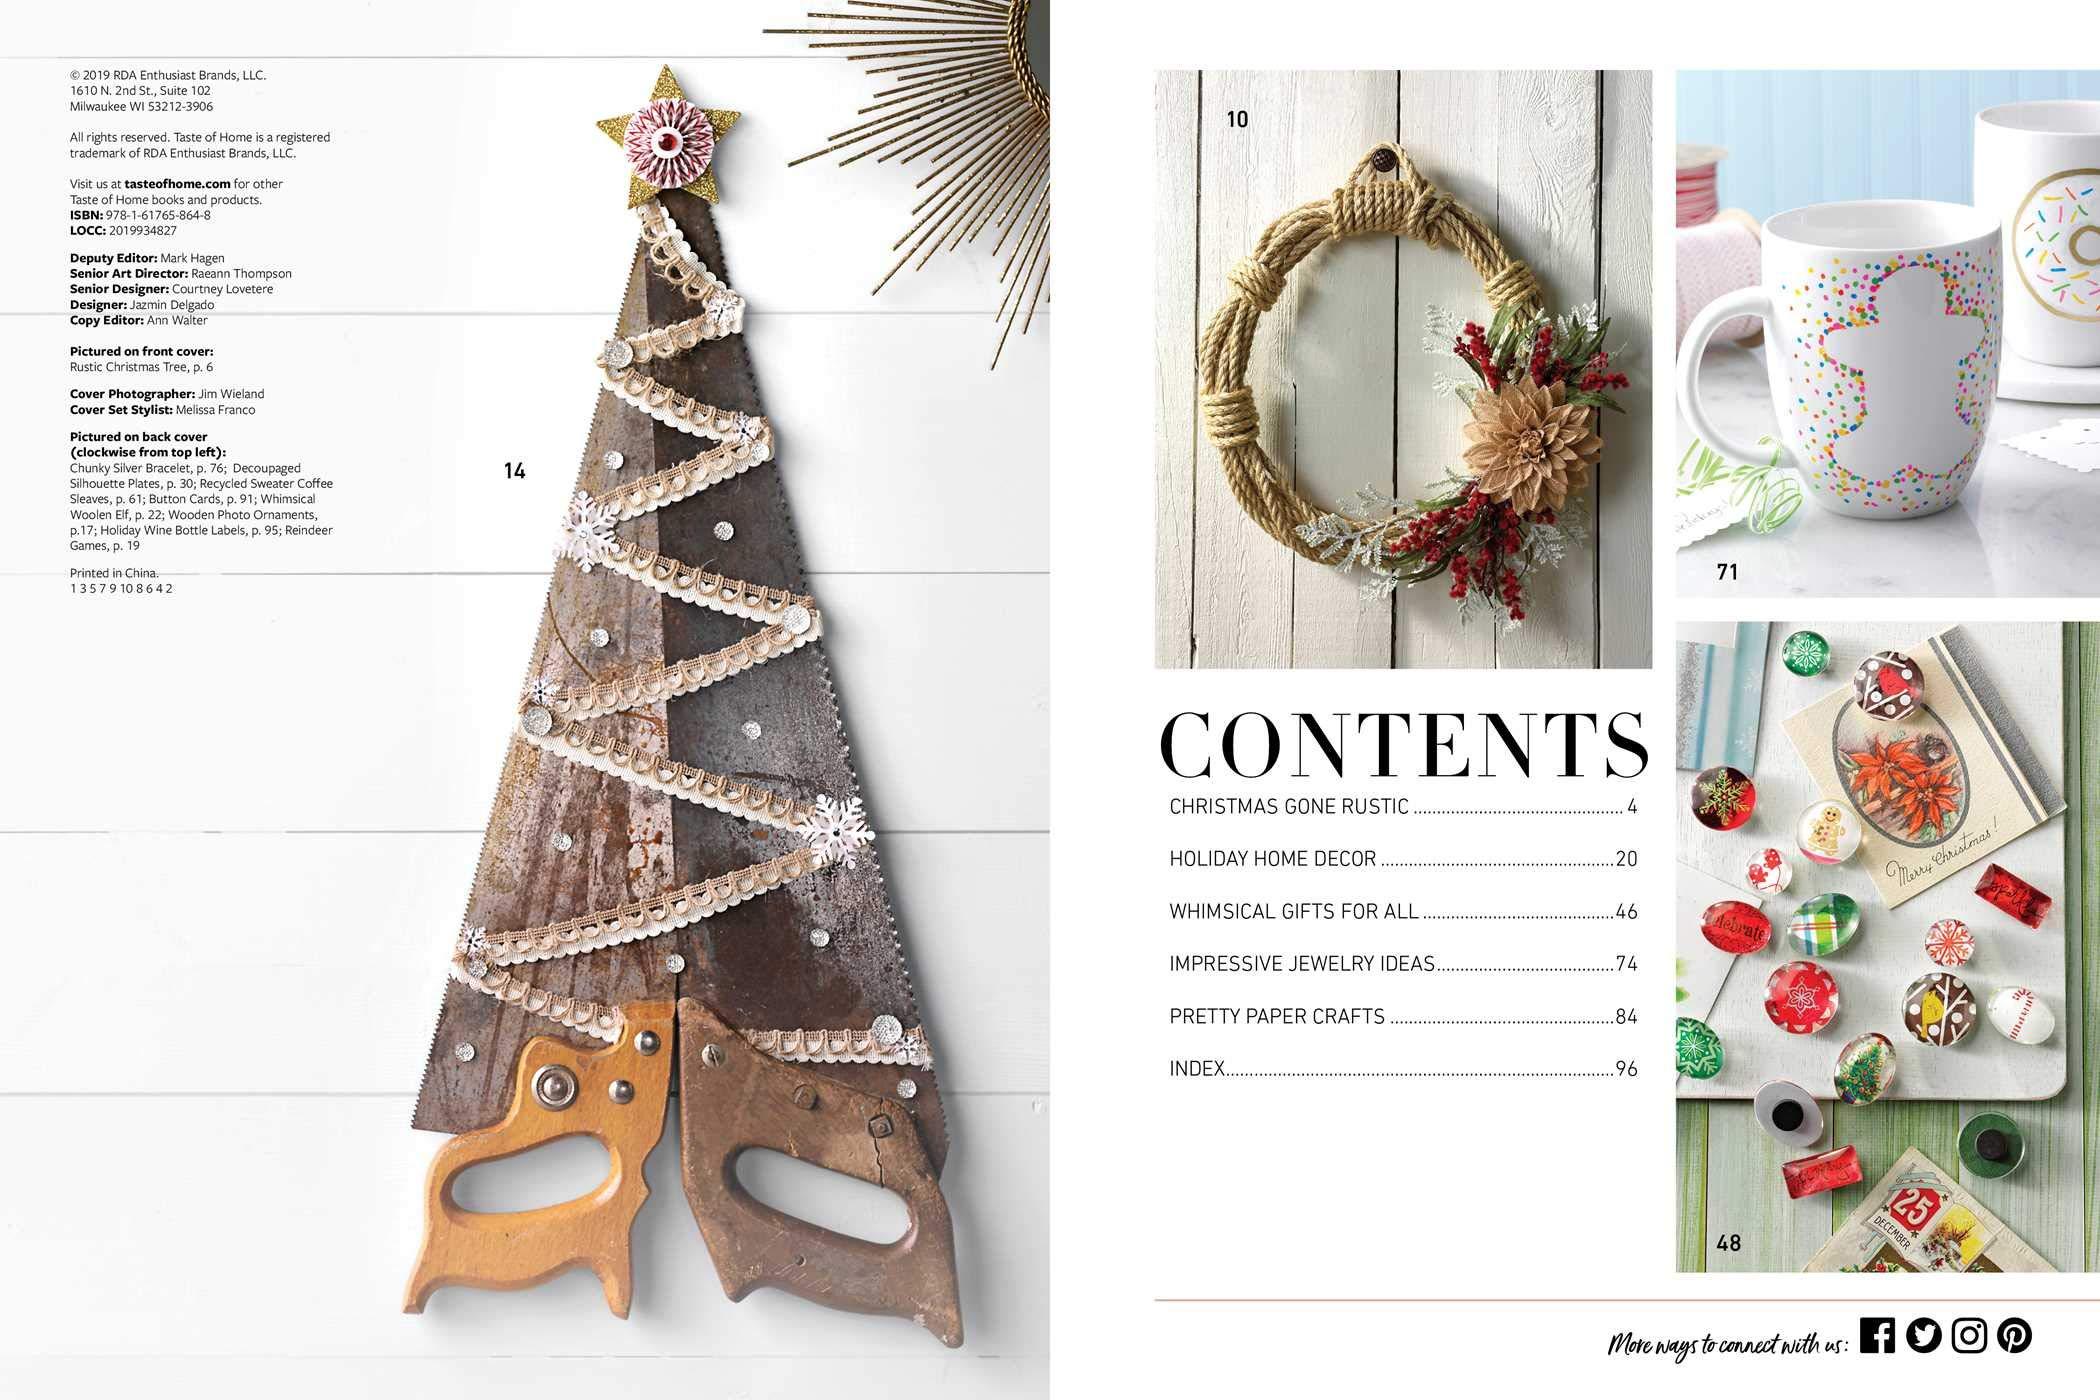 Taste Of Home Christmas 2021 Taste Of Home Handmade Christmas Taste Of Home 9781617658648 Amazon Com Books